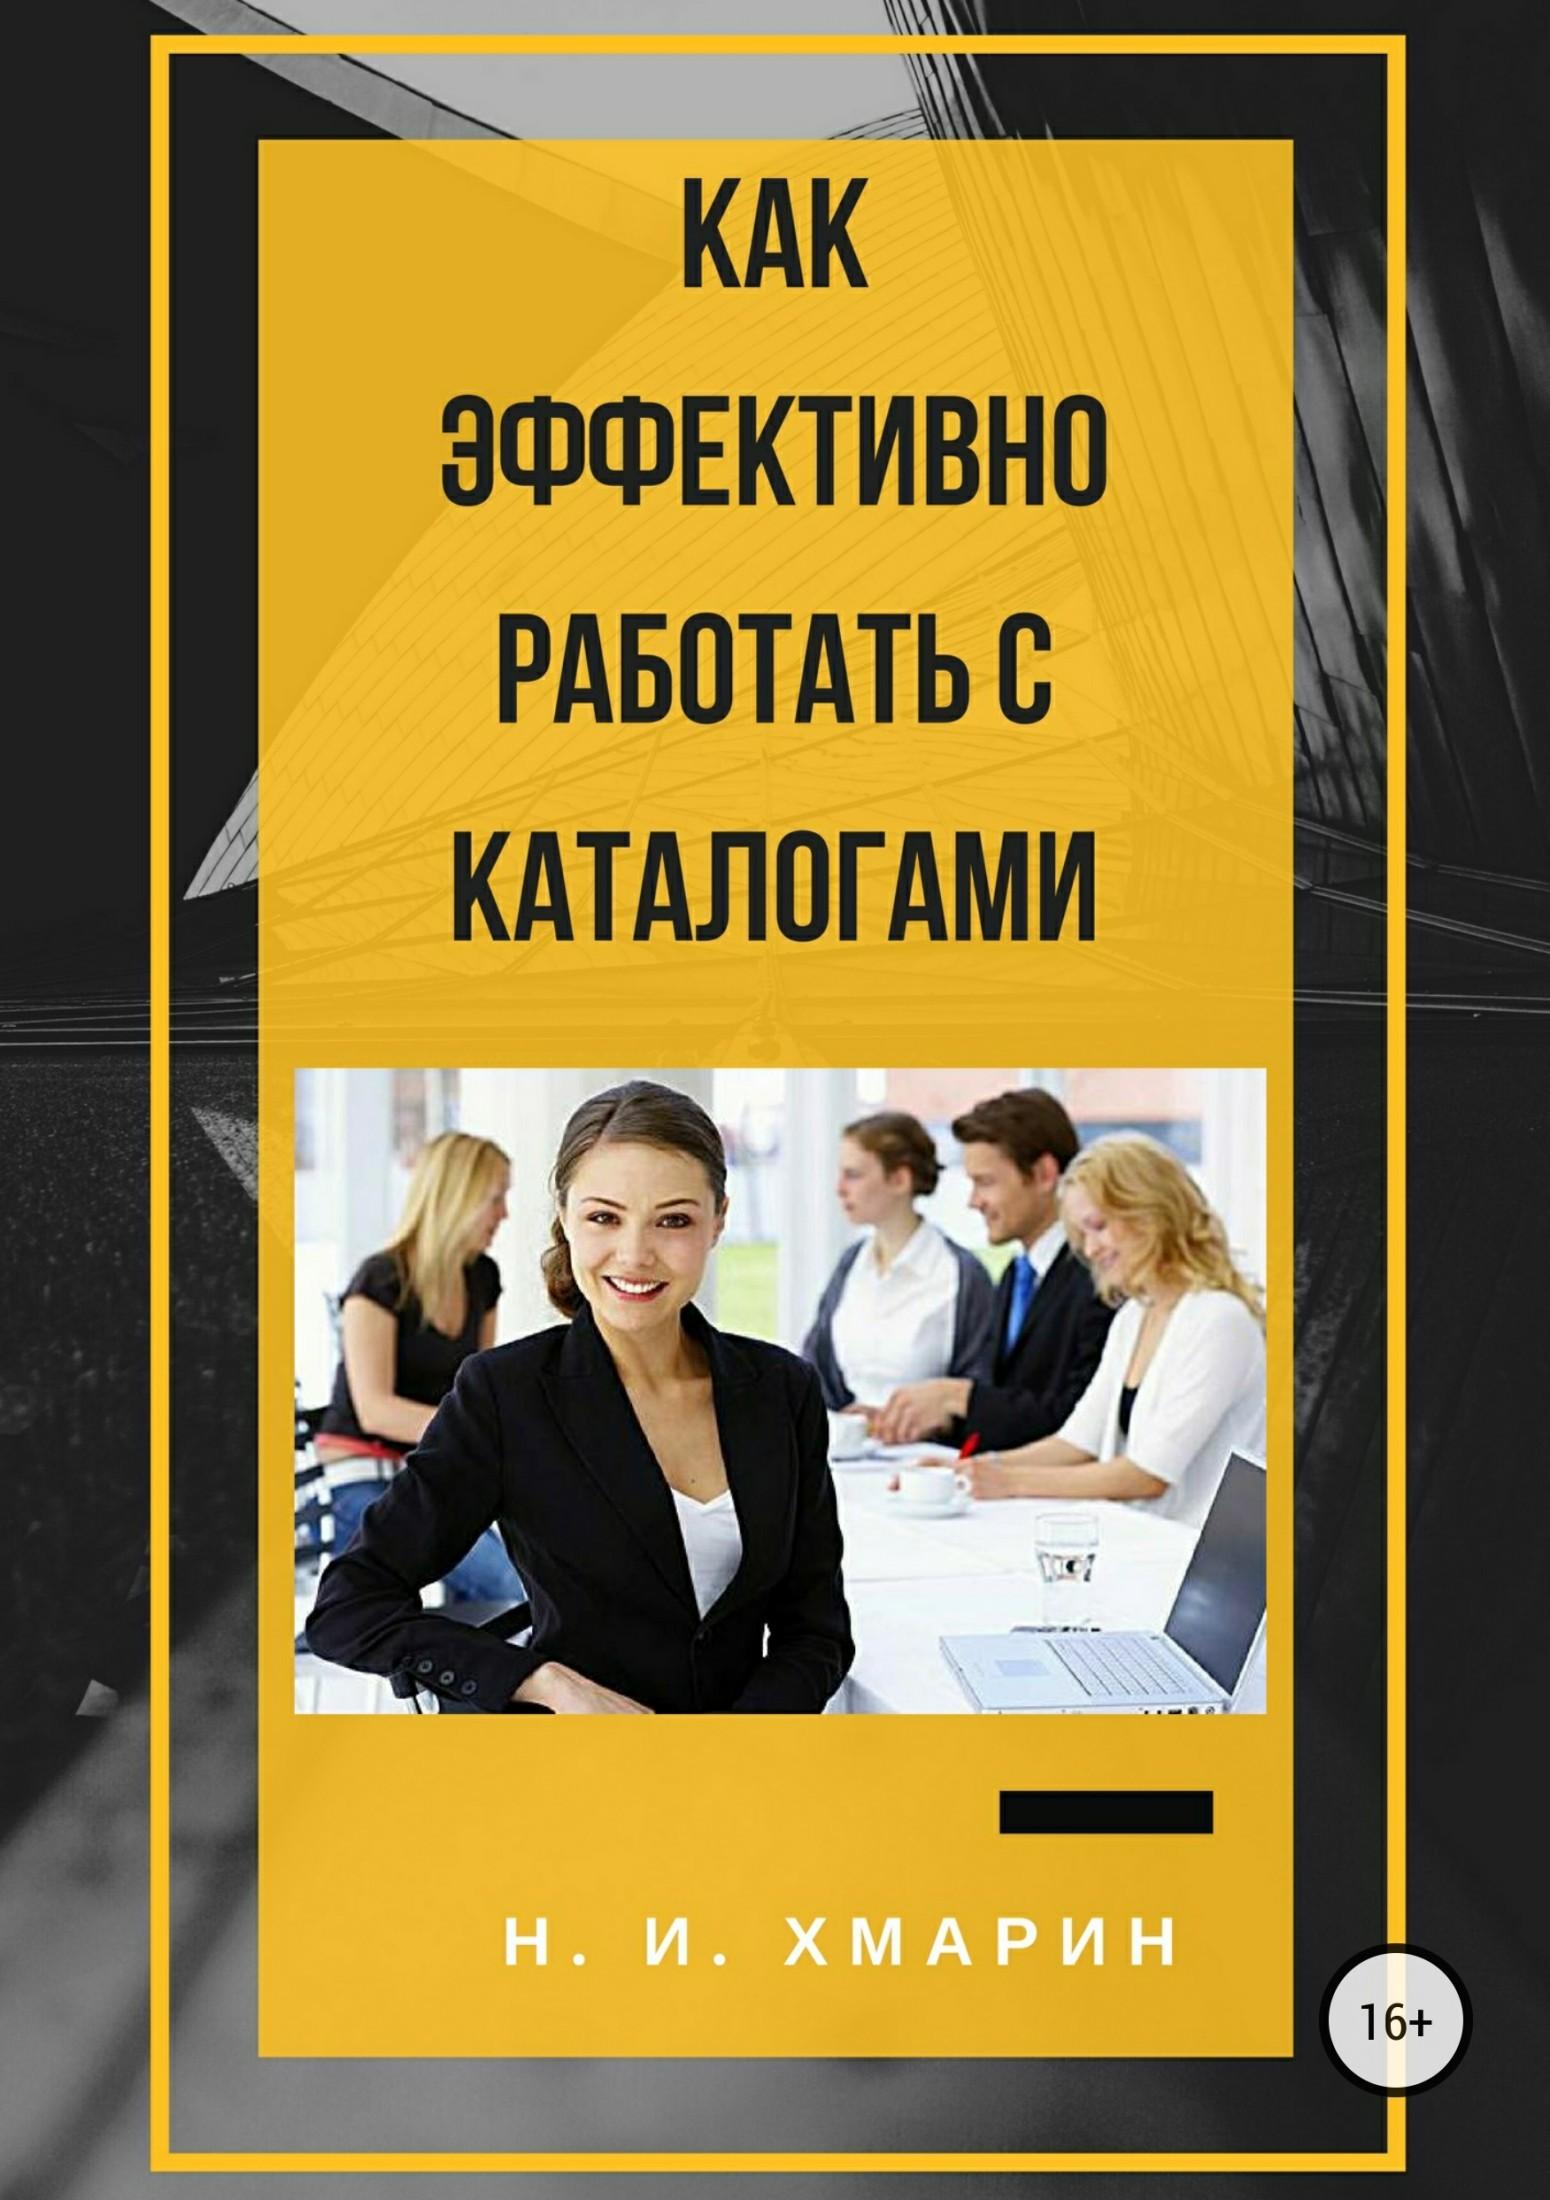 Обложка книги. Автор - Николай Хмарин